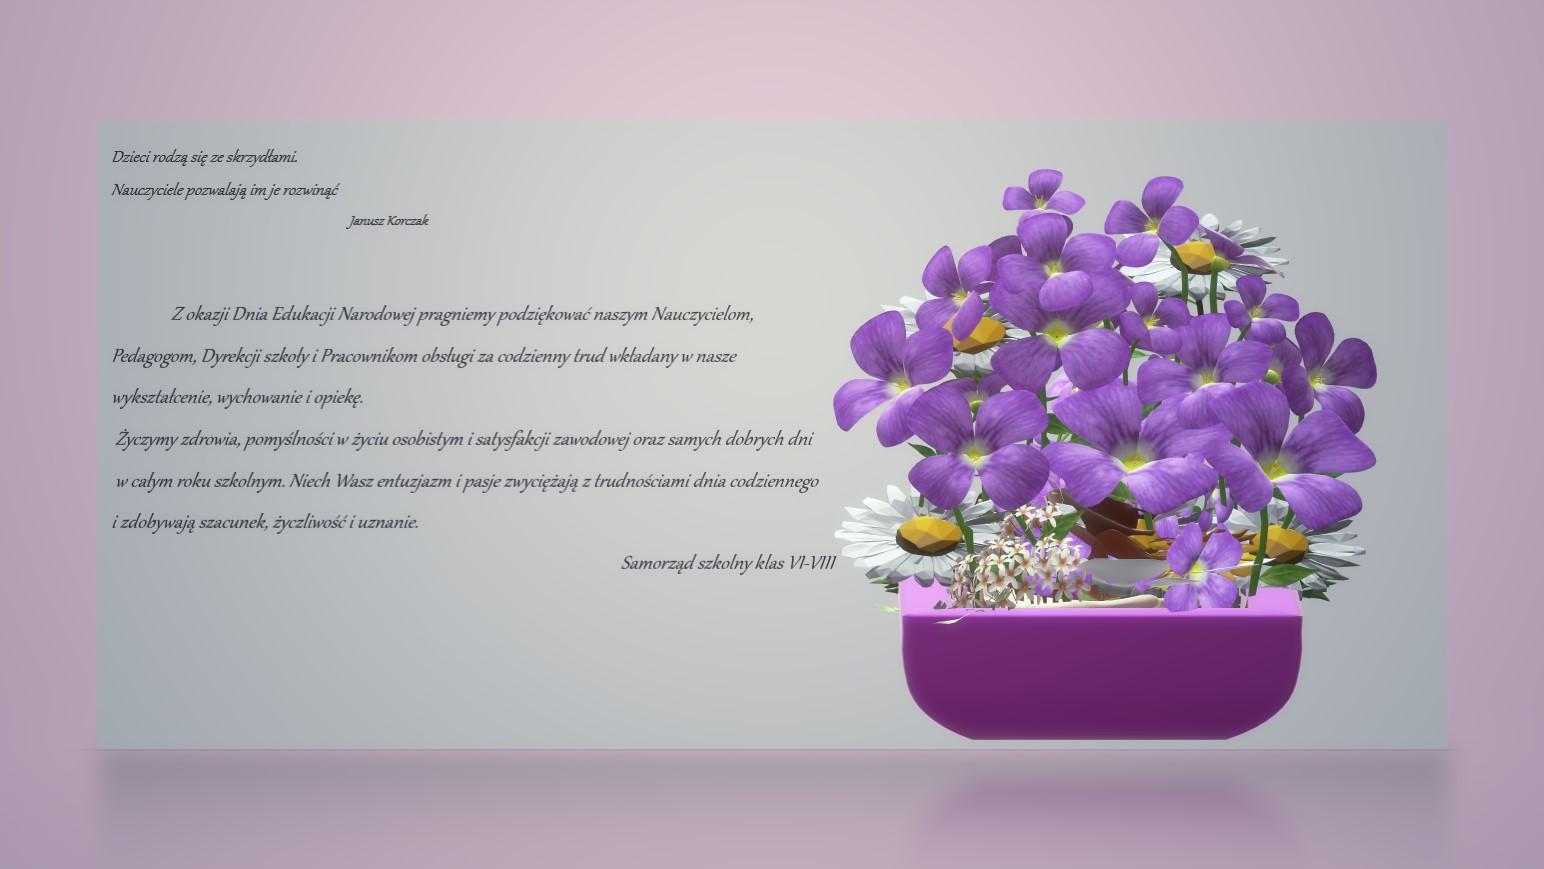 Fioletowe kwiatki wraz z życzeniami: Z okazji Dnia Edukacji pragniemy podziękować naszym Nauczycielom. Pedagogom, Dyrekcji i Pracownikom obsługi za codzienny trud wkładany w nasze wykształcenie, wyhowanie i opiekę. Życzymy zdrowia, pomyślności.Samorząd uczniowski